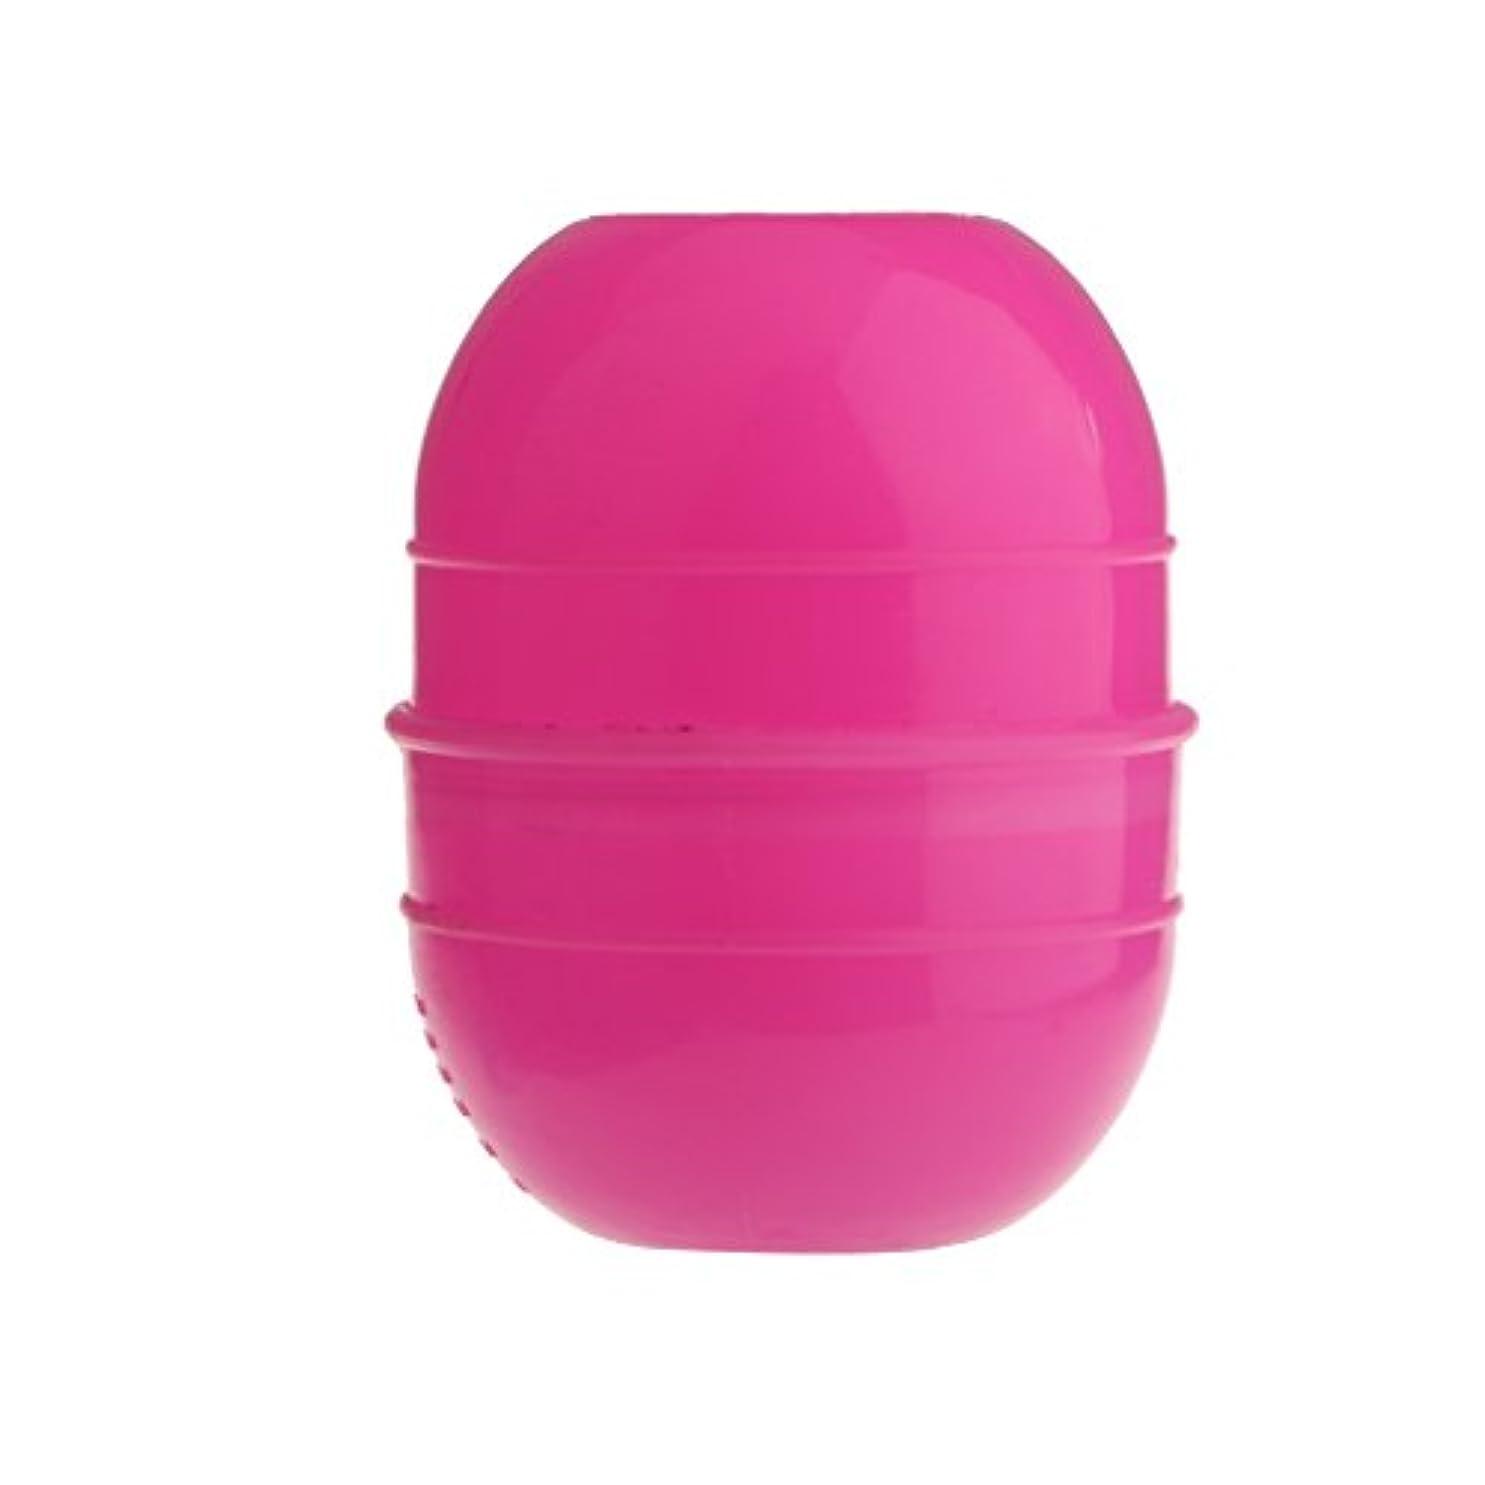 入手しますバリケードエージェントヘアカラー ボウル ヘアダイ カップ 色合いボウル 染料撹拌 プラスチック 全2色 - ローズレッド